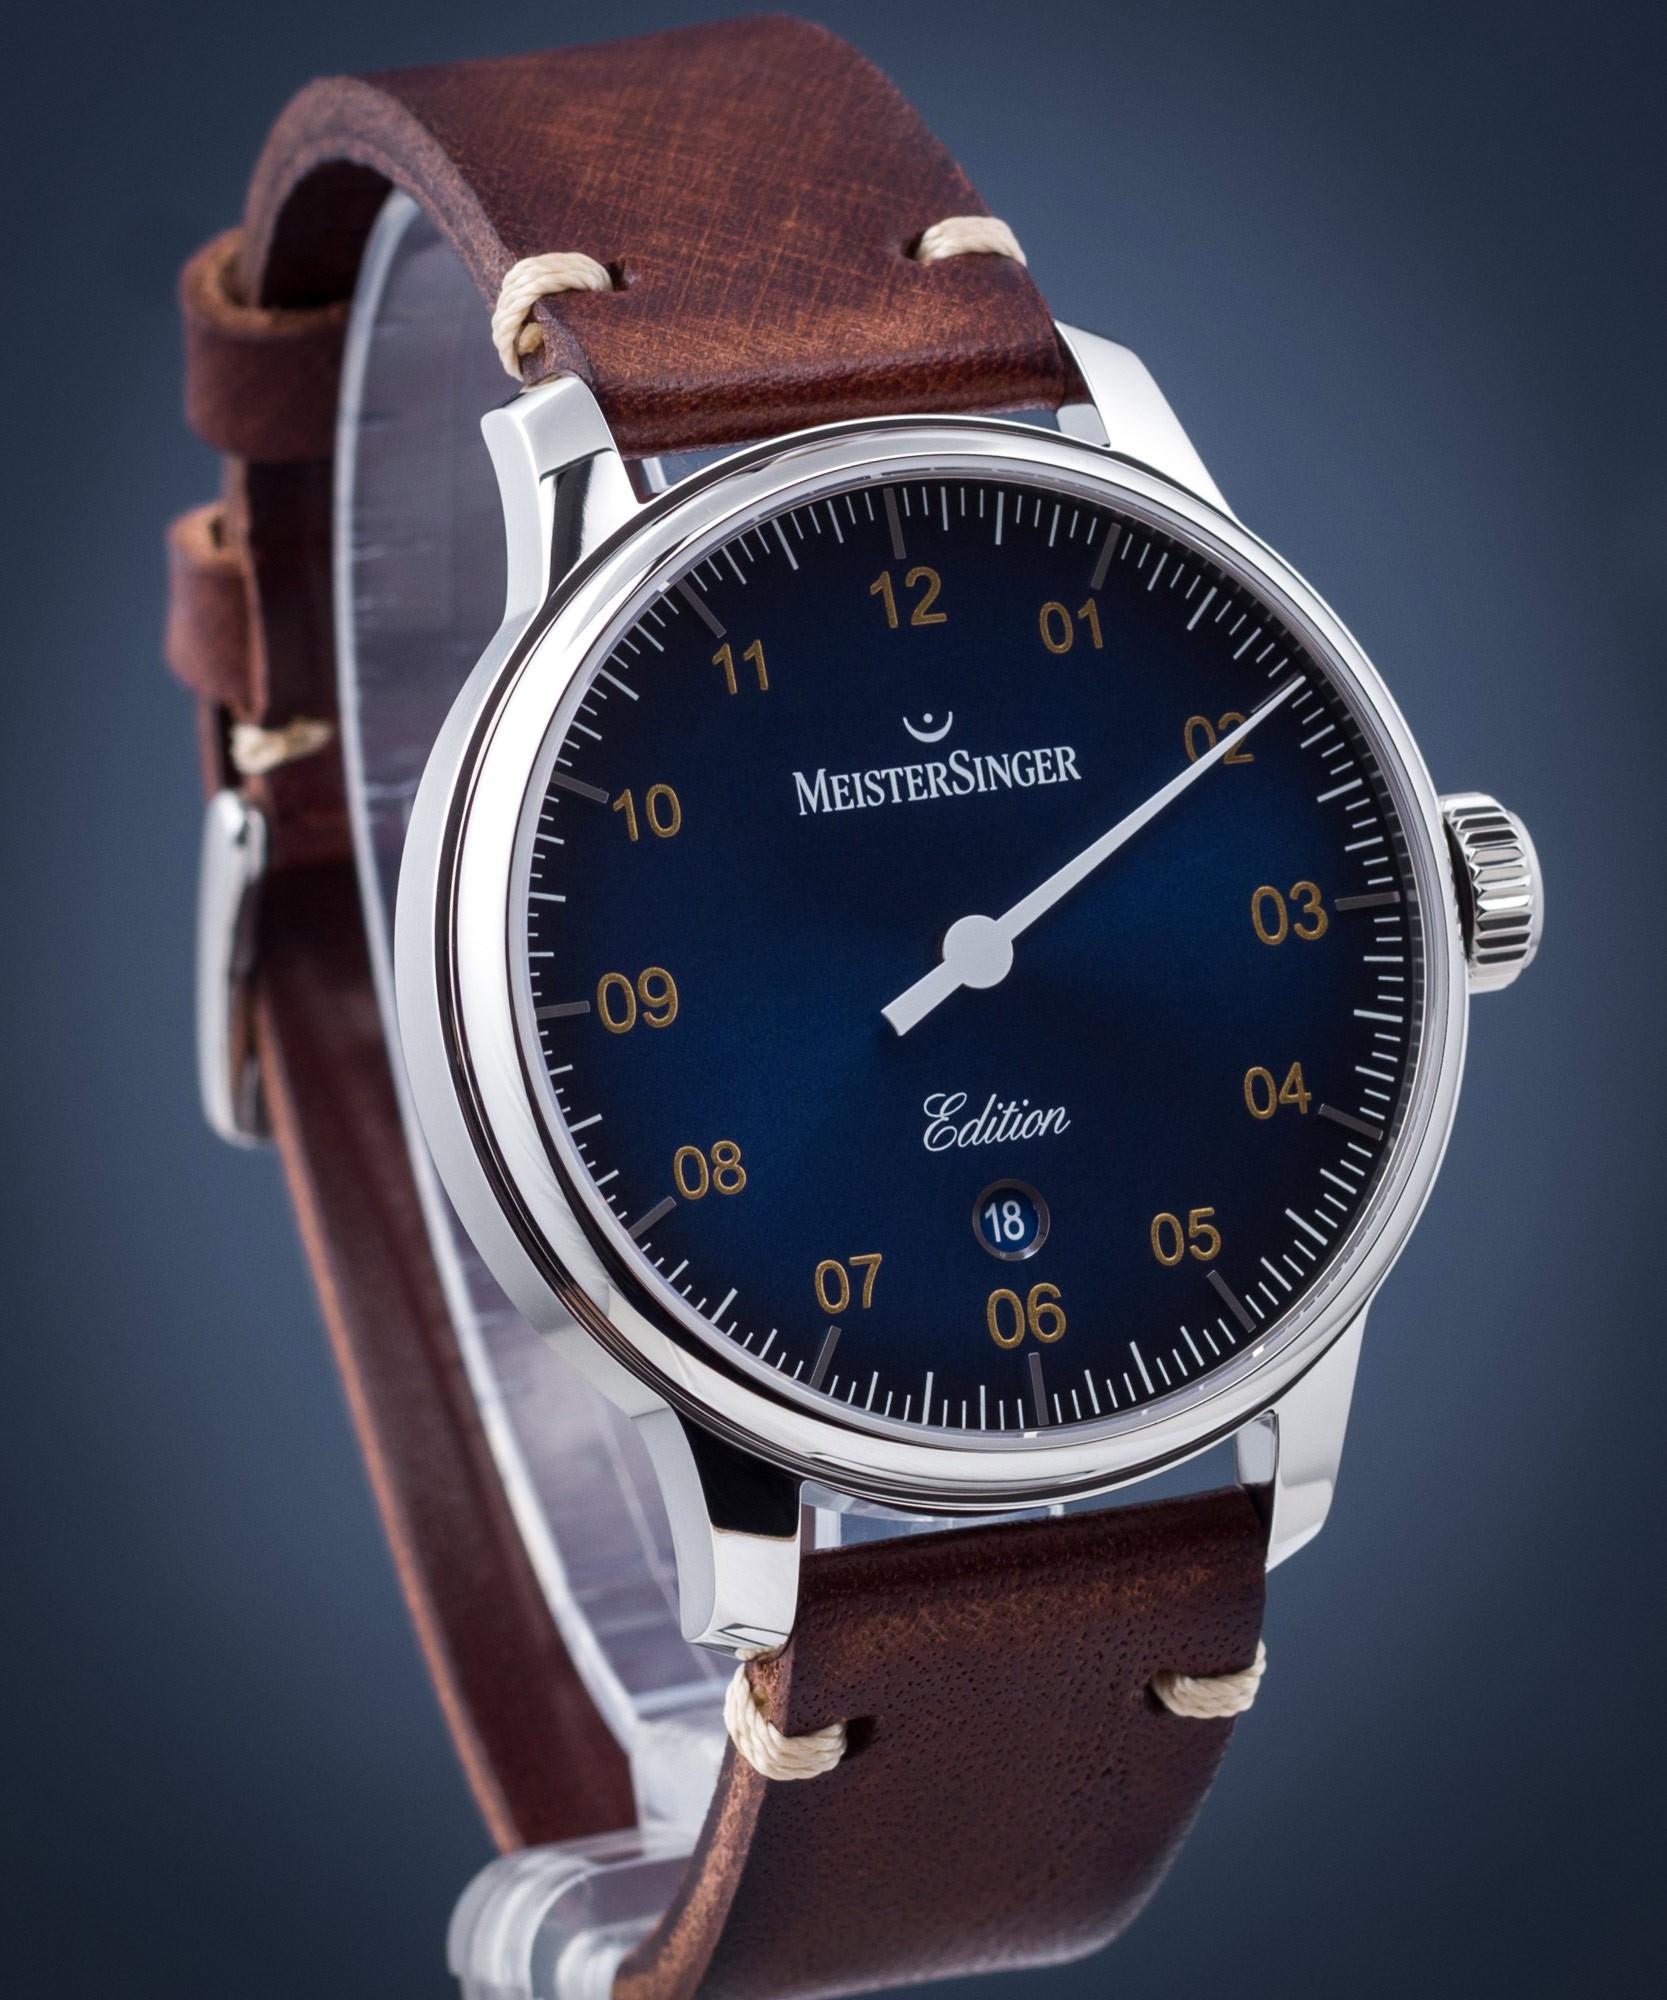 Zegarek MeisterSinger ED-C20-PL z limitowanej edycji za 7461zł @ Zegarownia